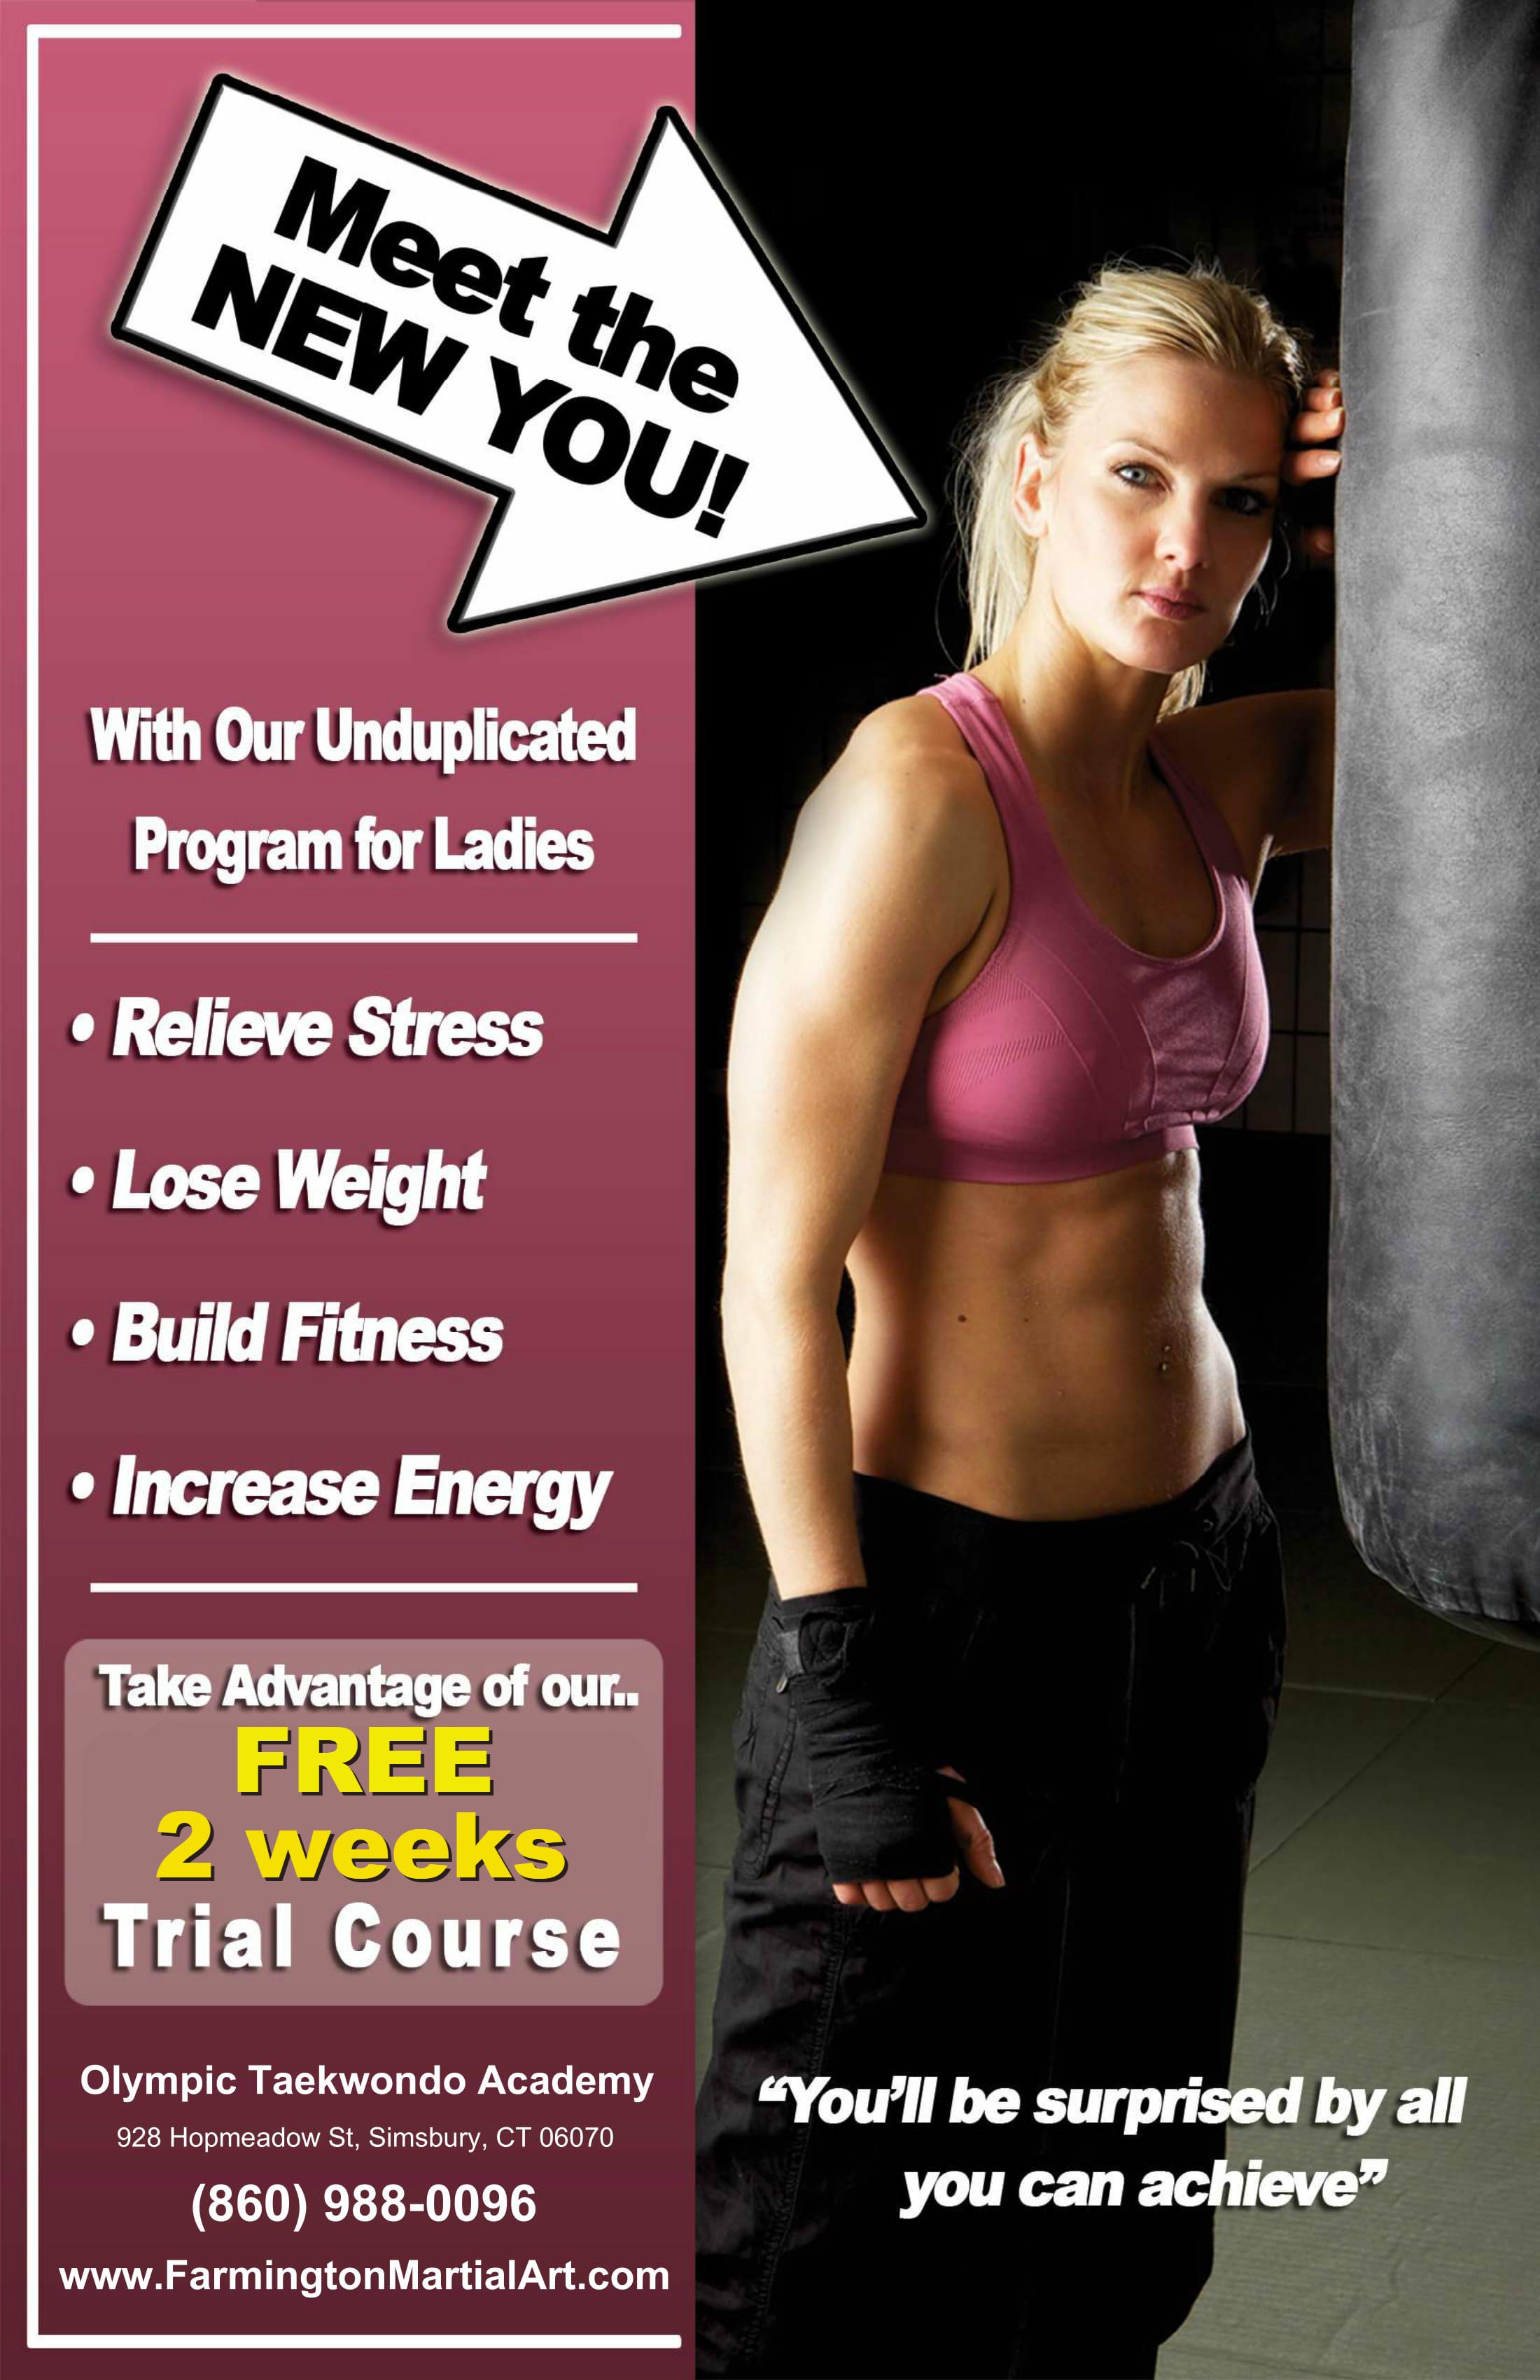 OTA Adult Poster Kick Boxing-1